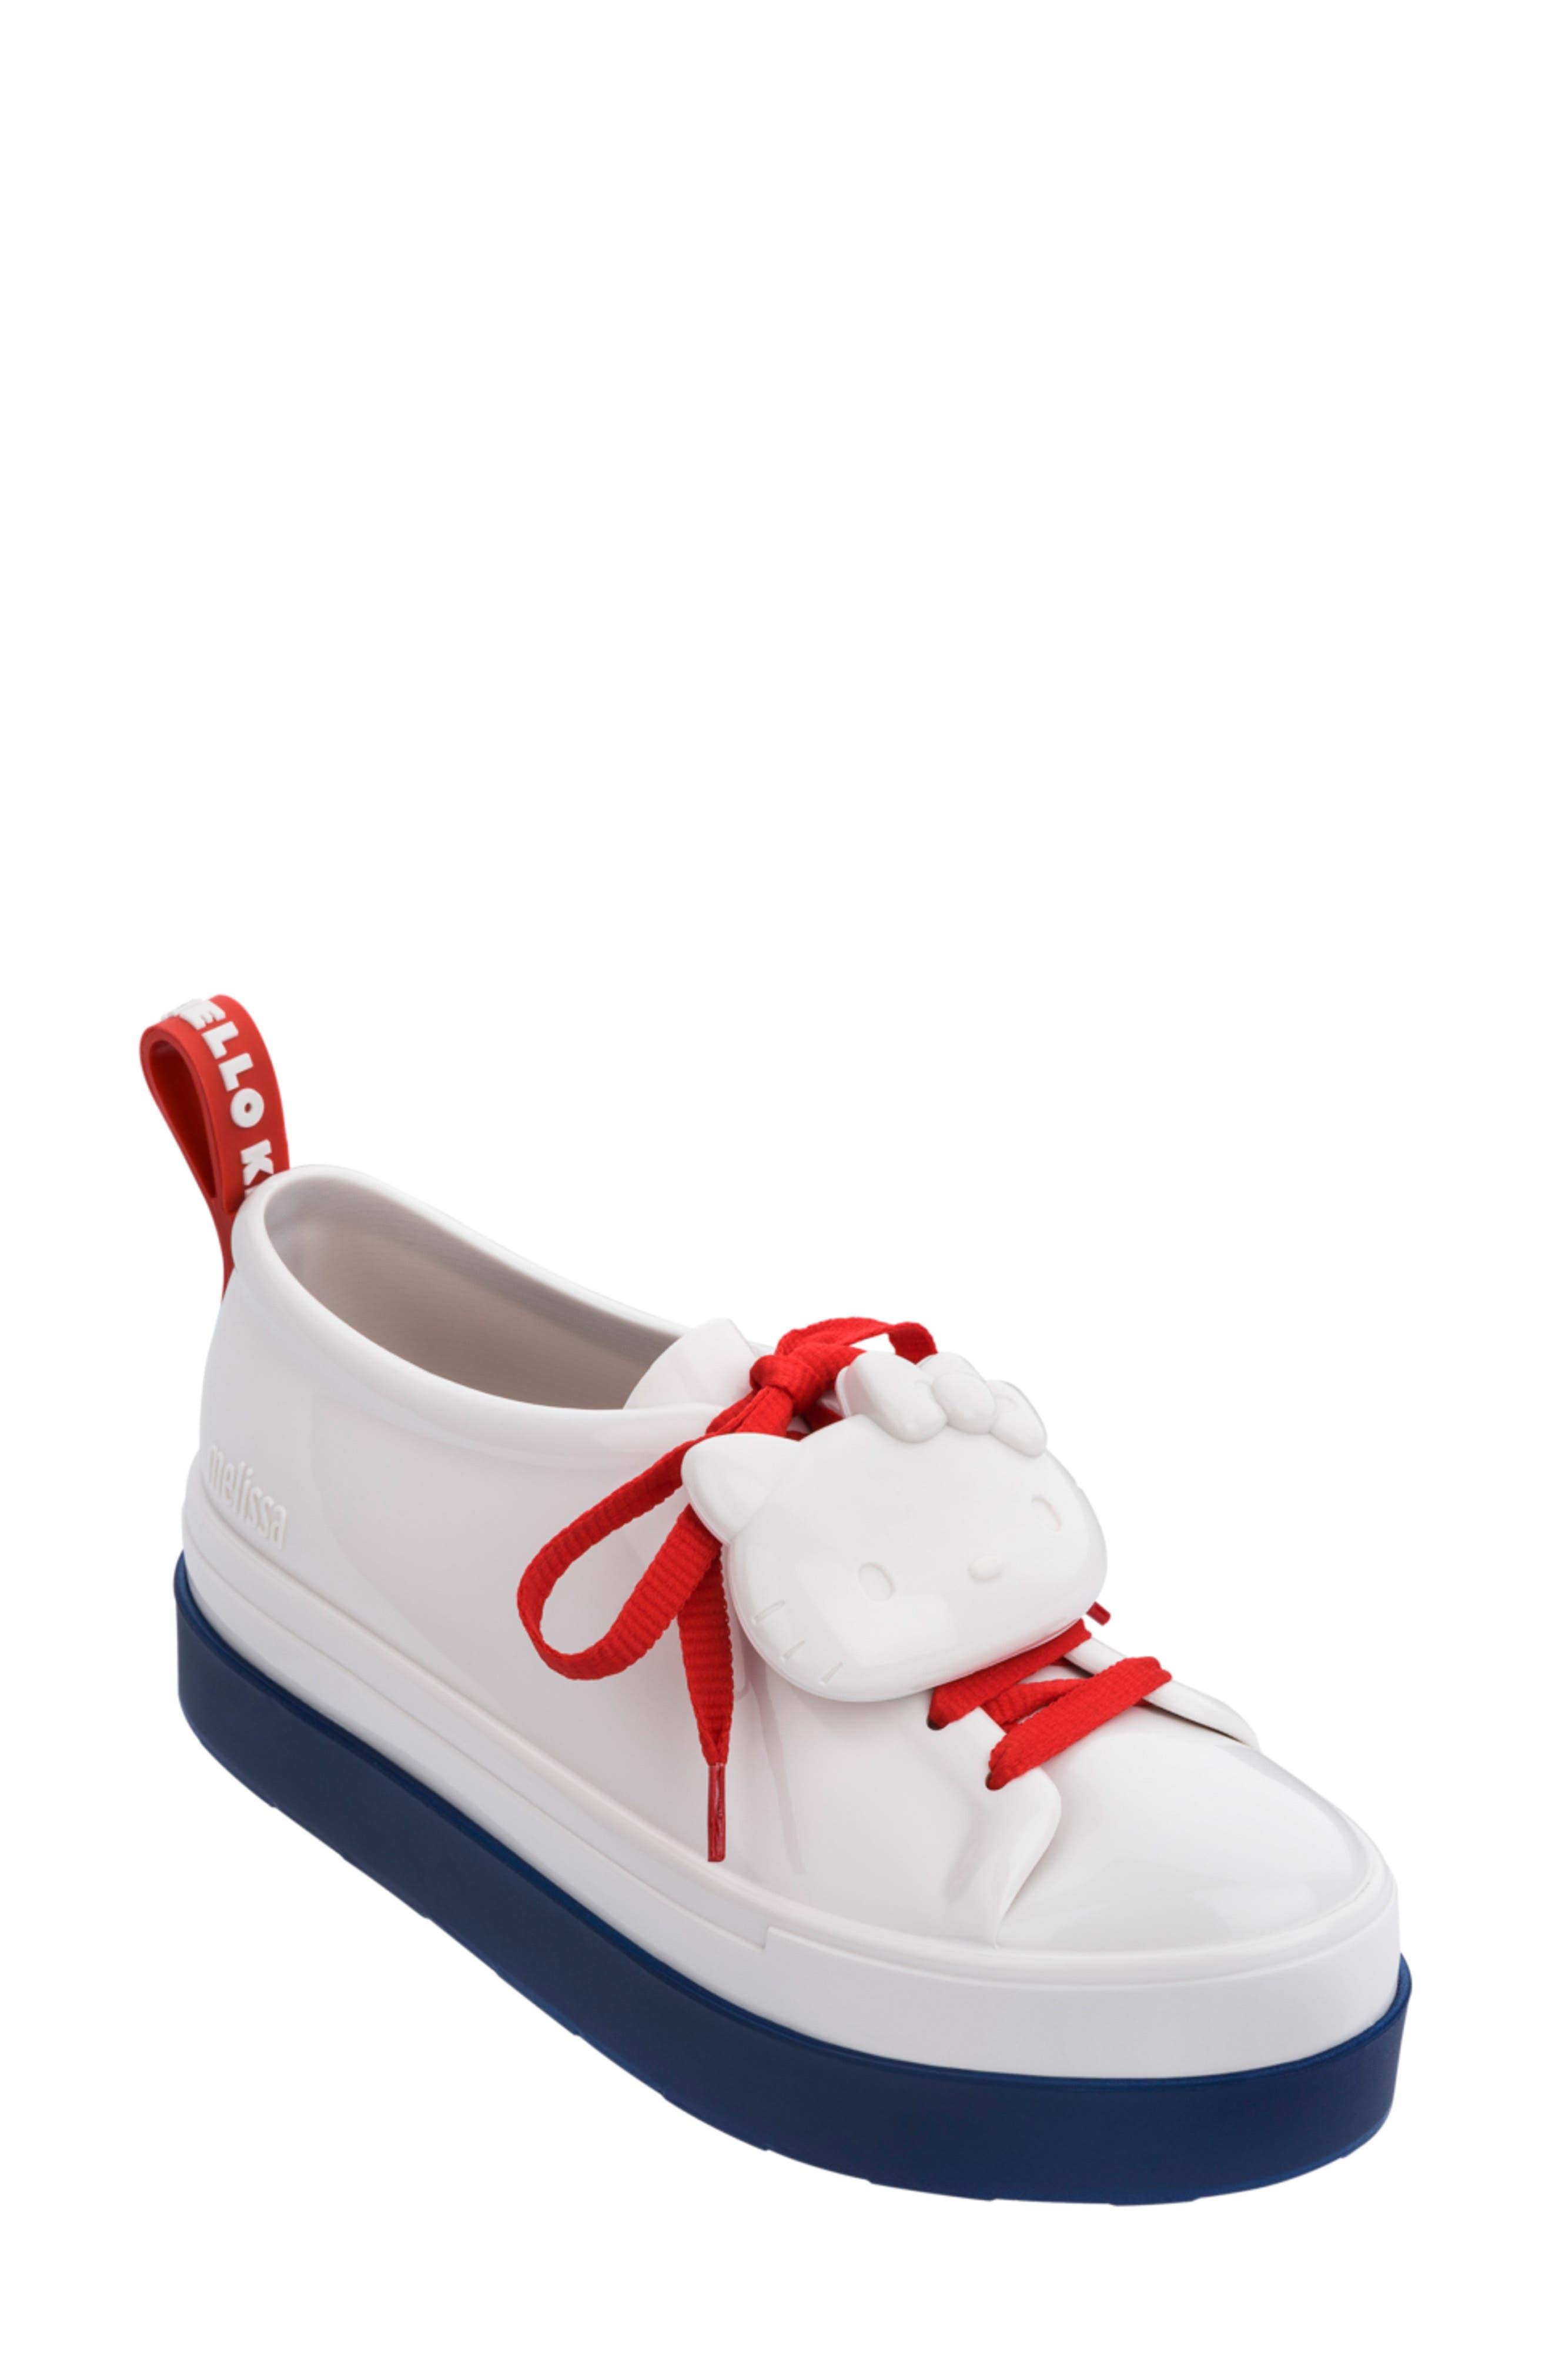 Melissa Hello Kitty Sneaker, White